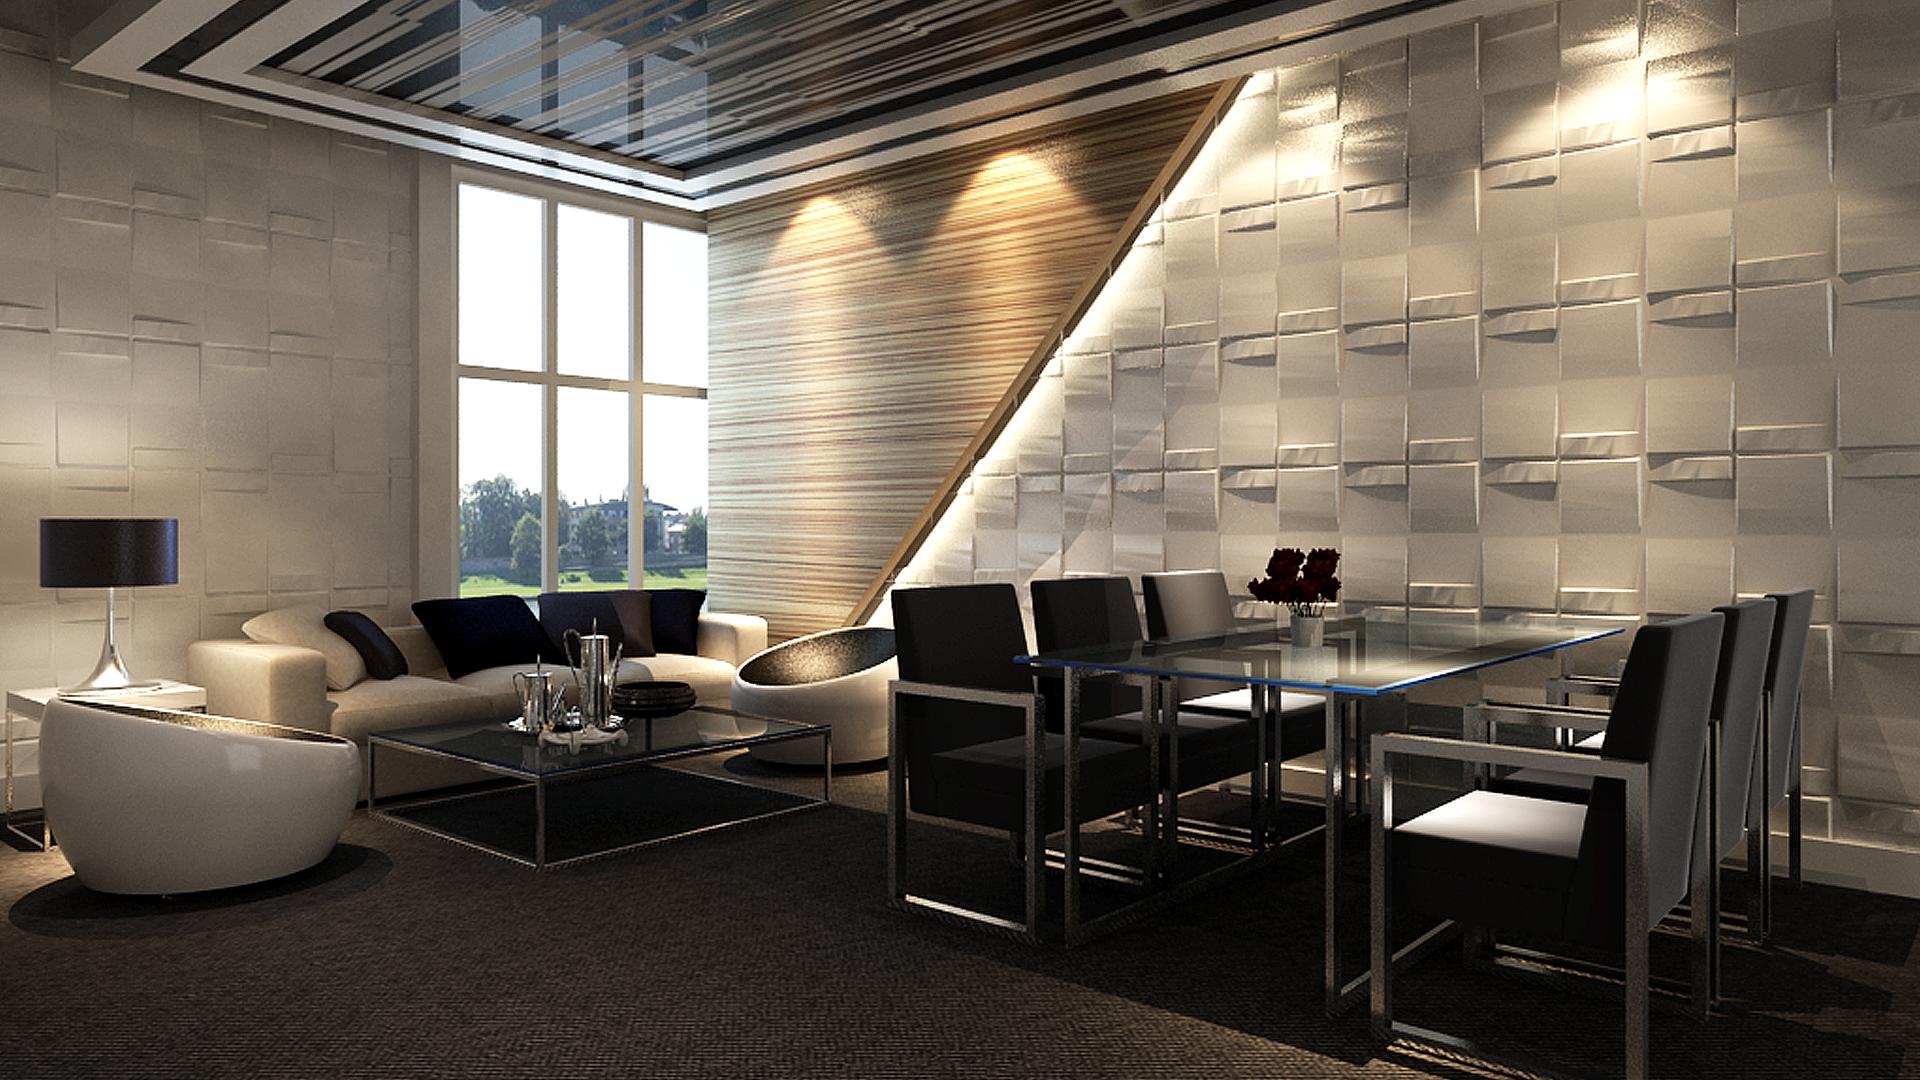 Wohnzimmer • 3D Wandpaneele  Deckenpaneele  Wandverkleidung aus ...